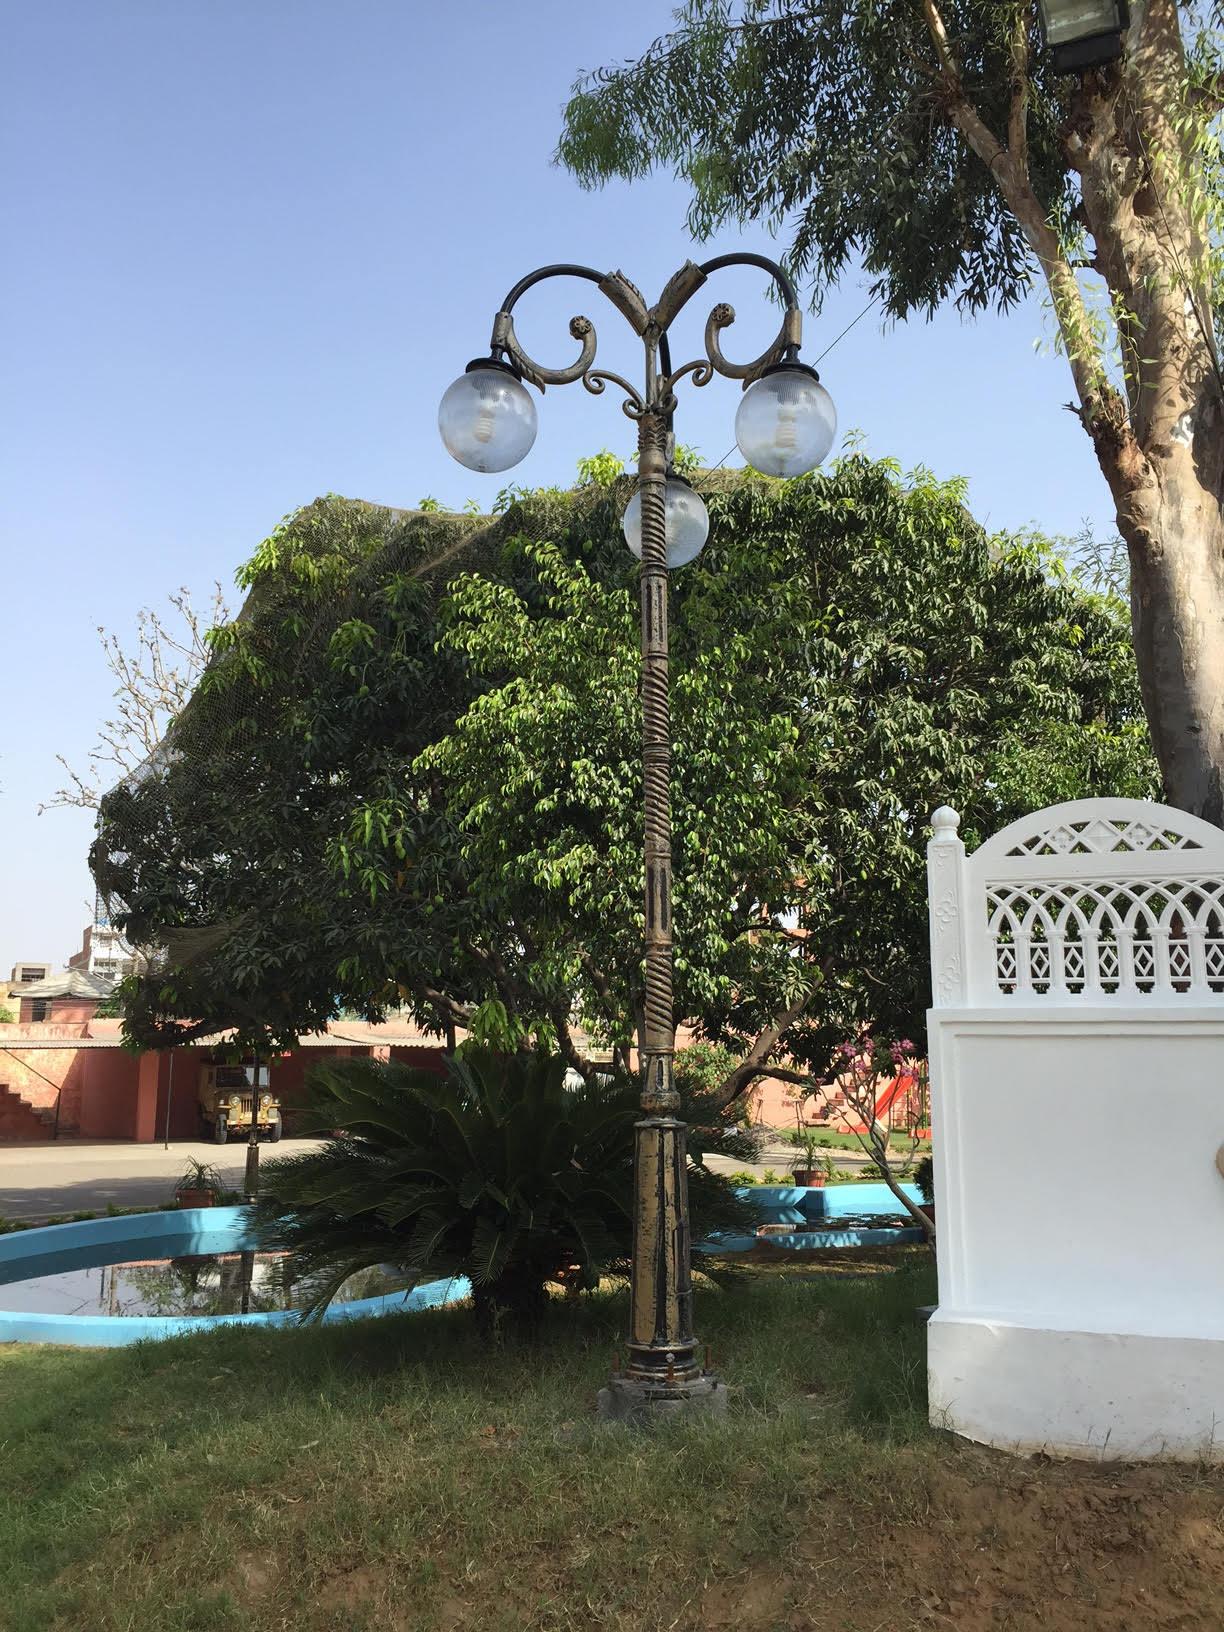 Garden Decorative Lighting Pole